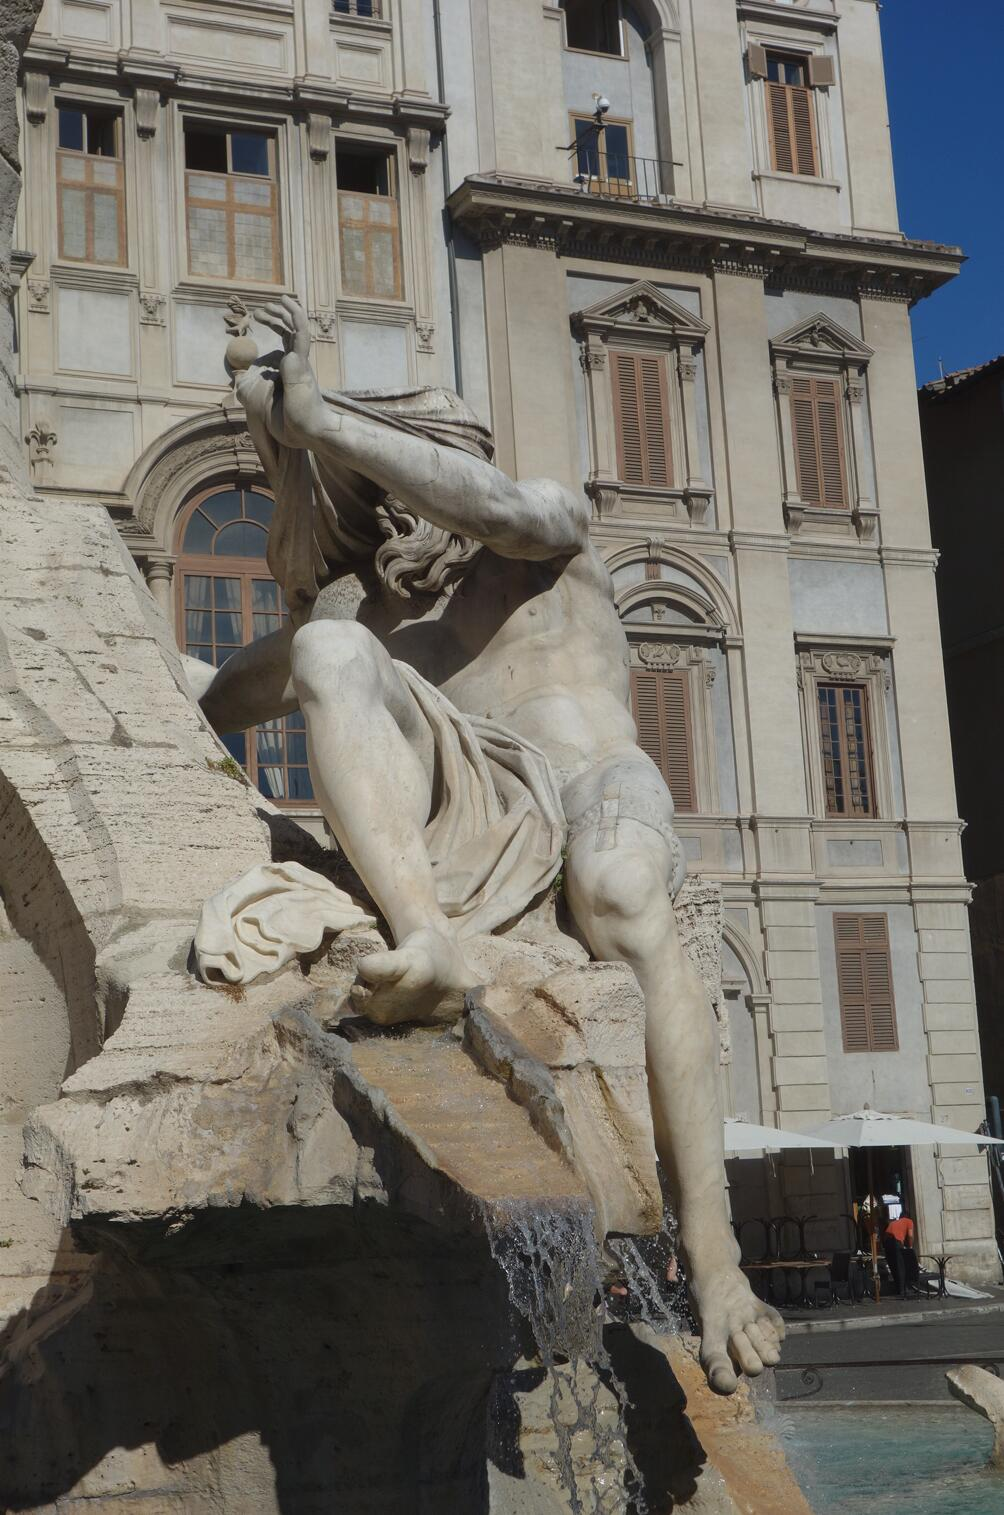 名作过眼:贝尔尼尼的喷泉雕塑13.jpg